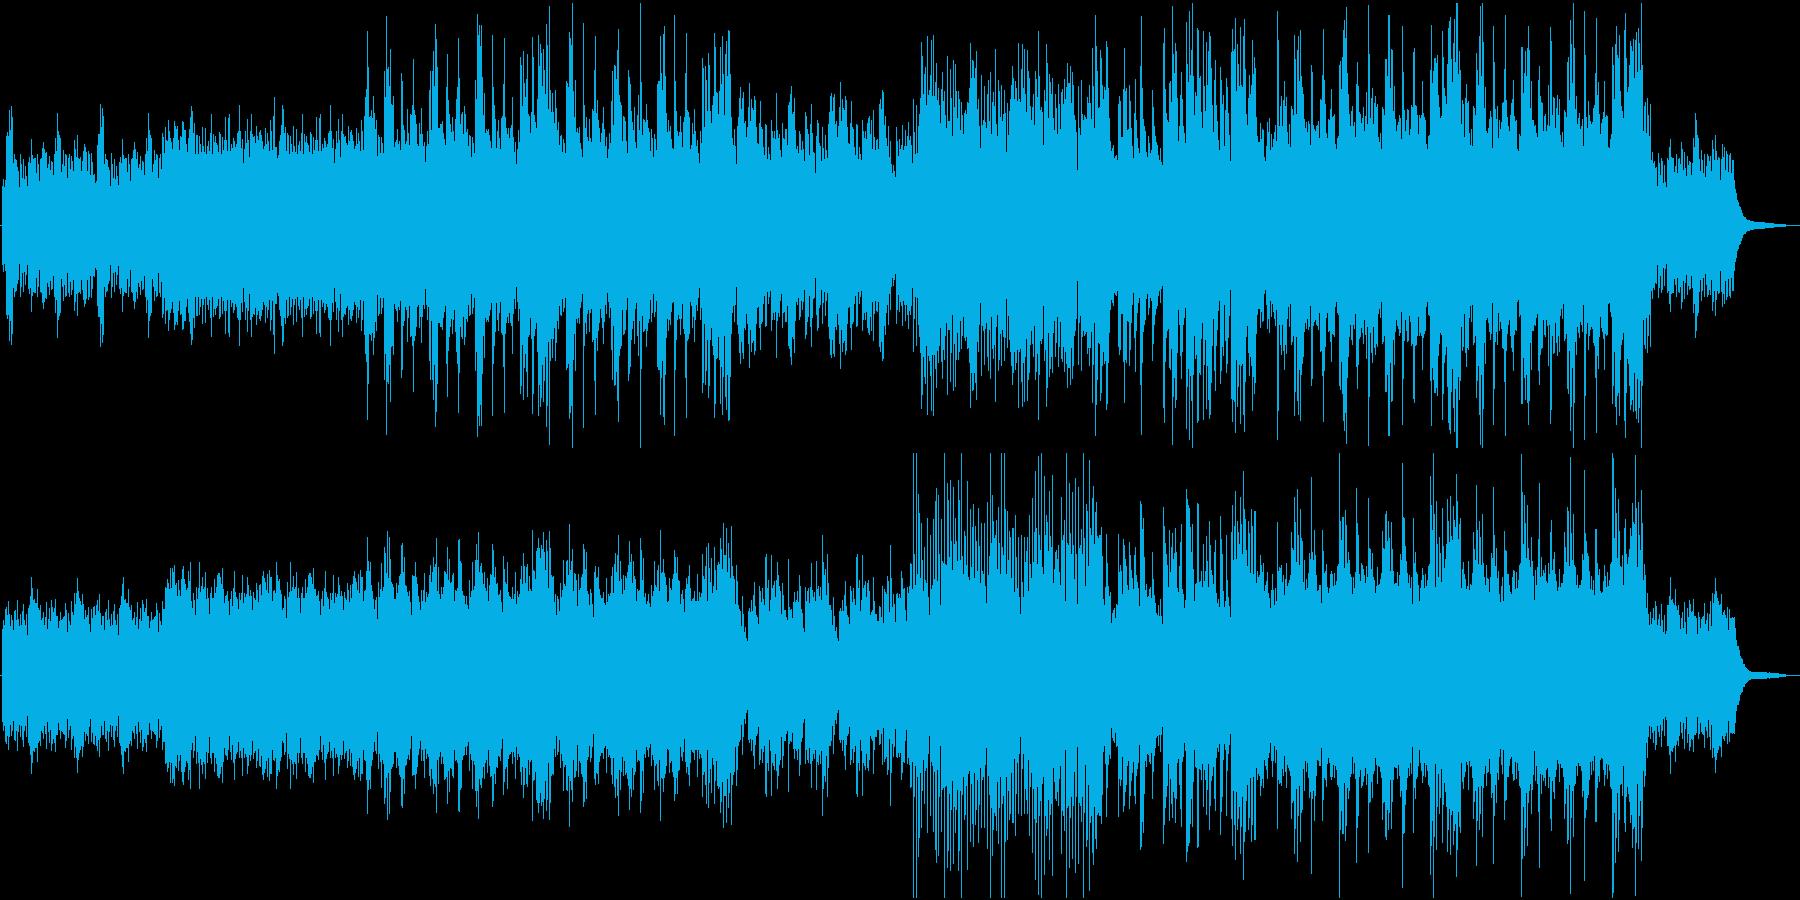 一匹オオカミが旅立つイメージの和曲の再生済みの波形